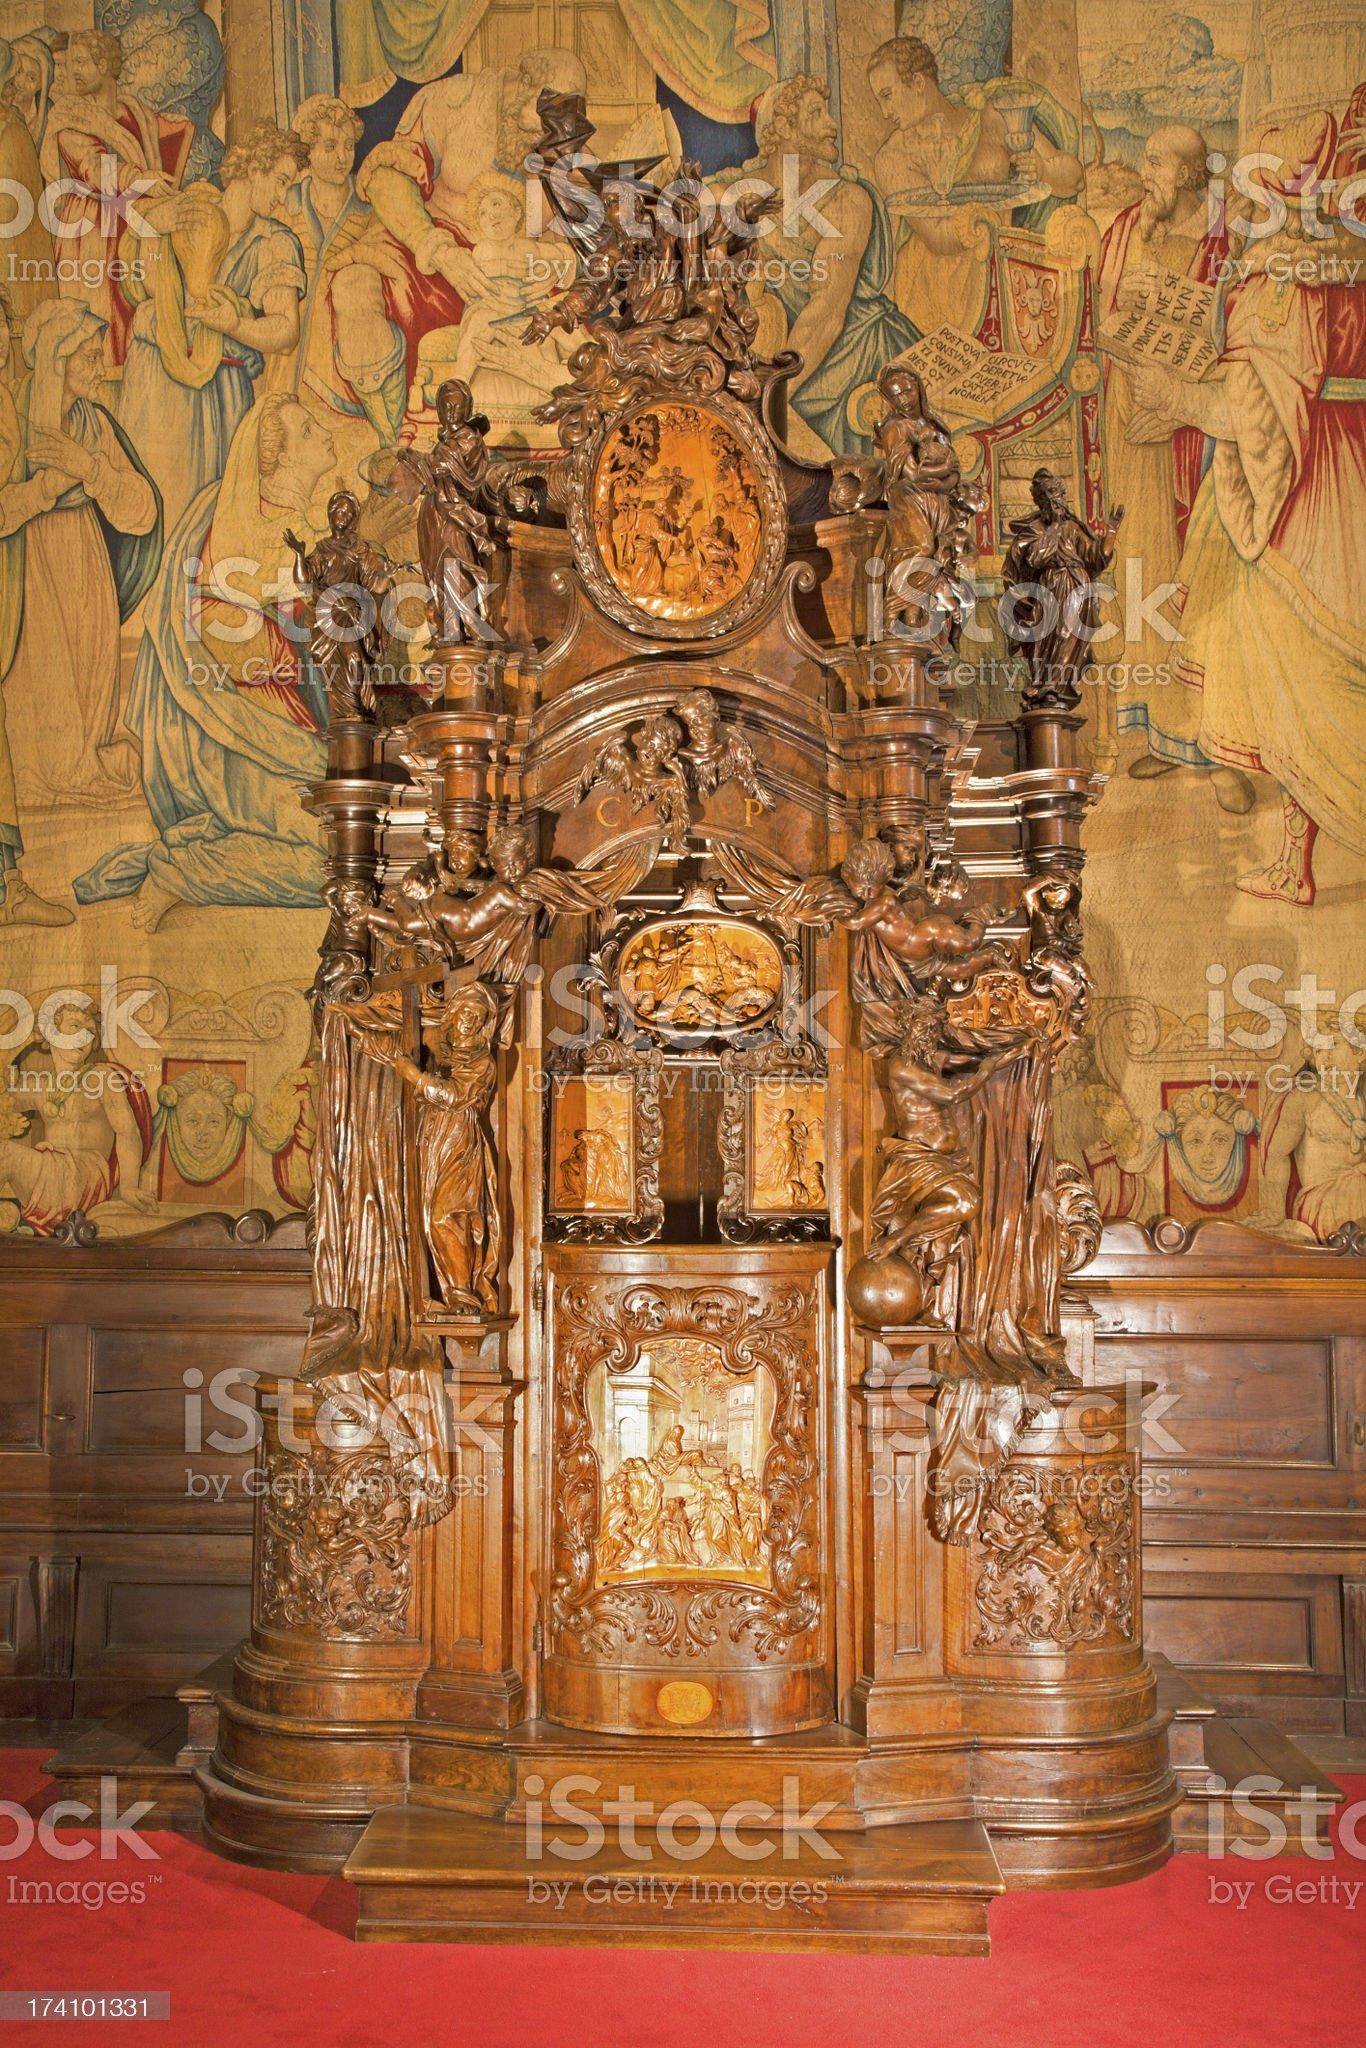 Bergamo - Baroque confession box from cathedral Santa Maria Maggiore royalty-free stock photo